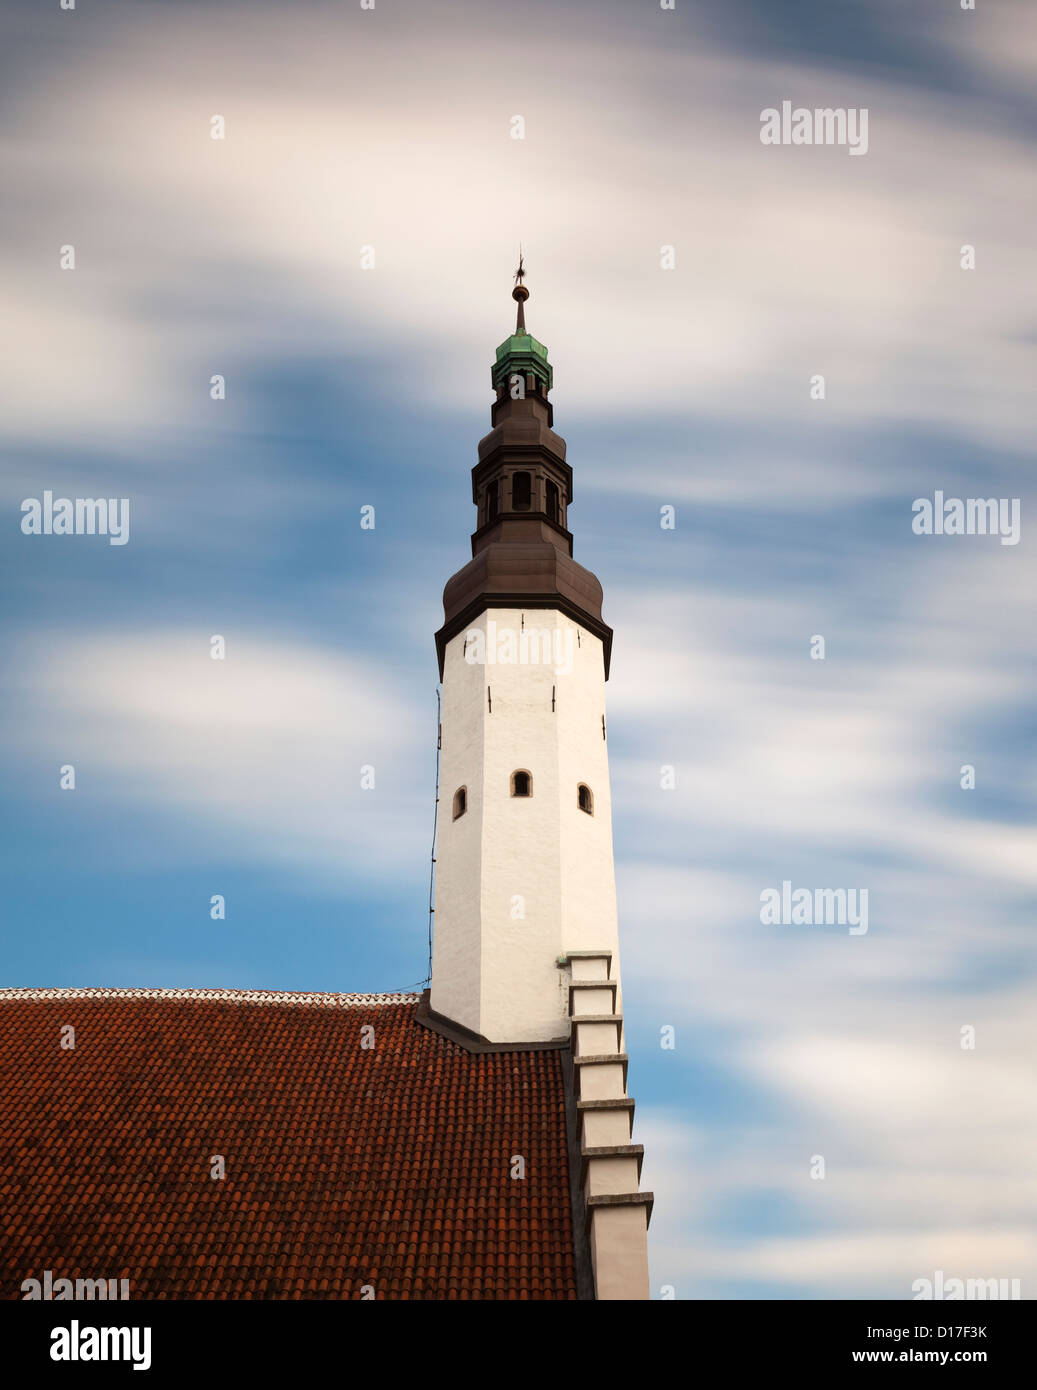 Church steeple against blue sky Stock Photo